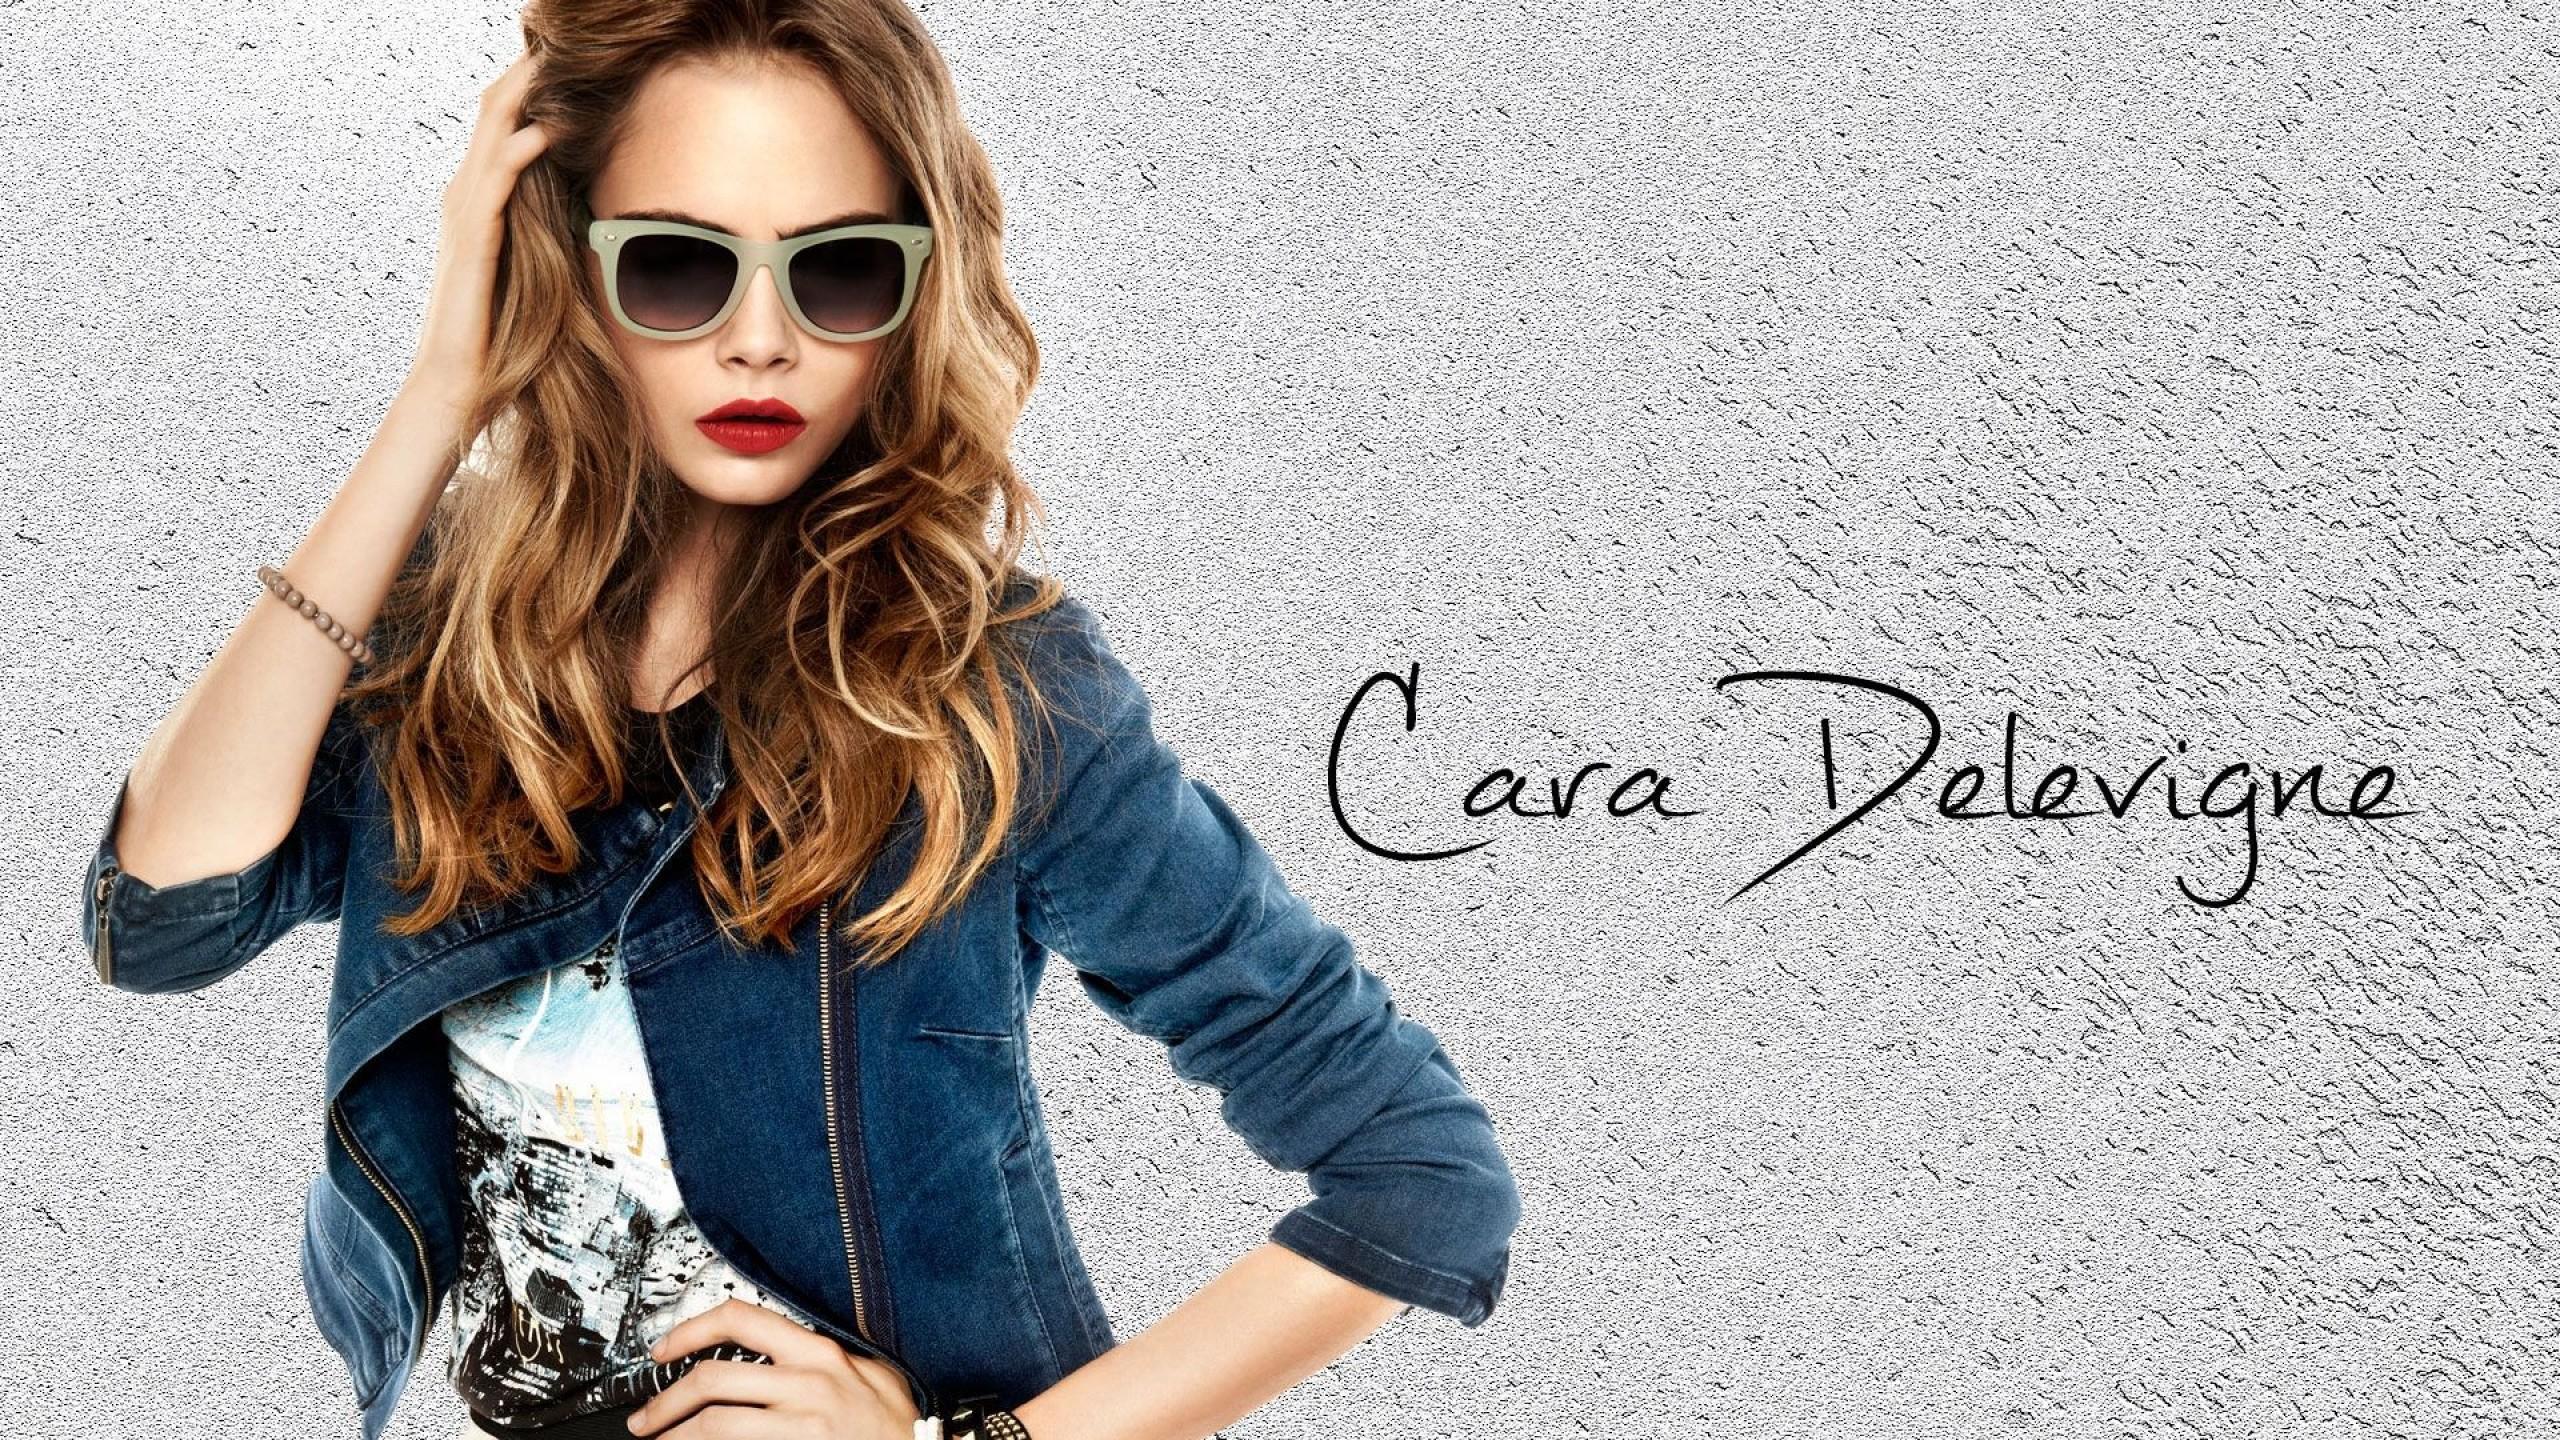 Cara Delevingne For Desktop